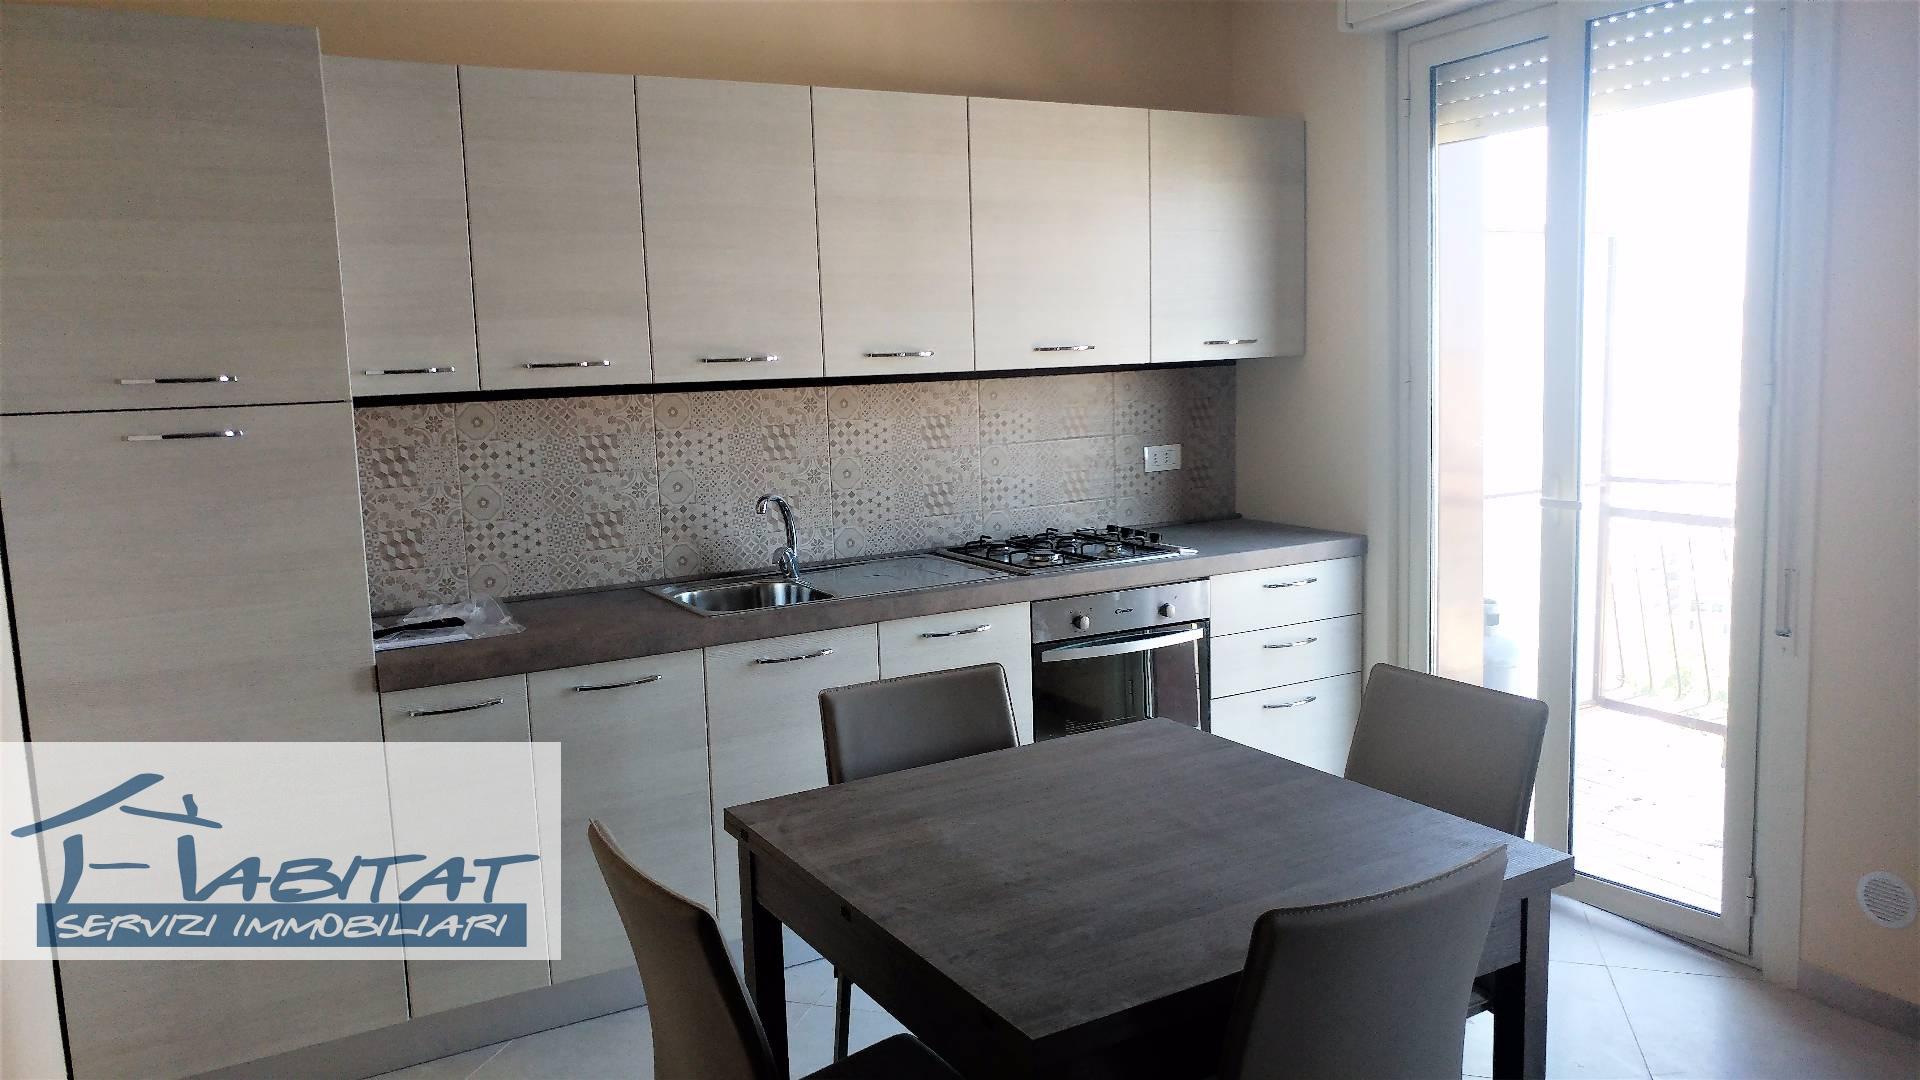 Appartamento in affitto a Agrigento, 2 locali, zona Zona: Centro, prezzo € 380 | CambioCasa.it